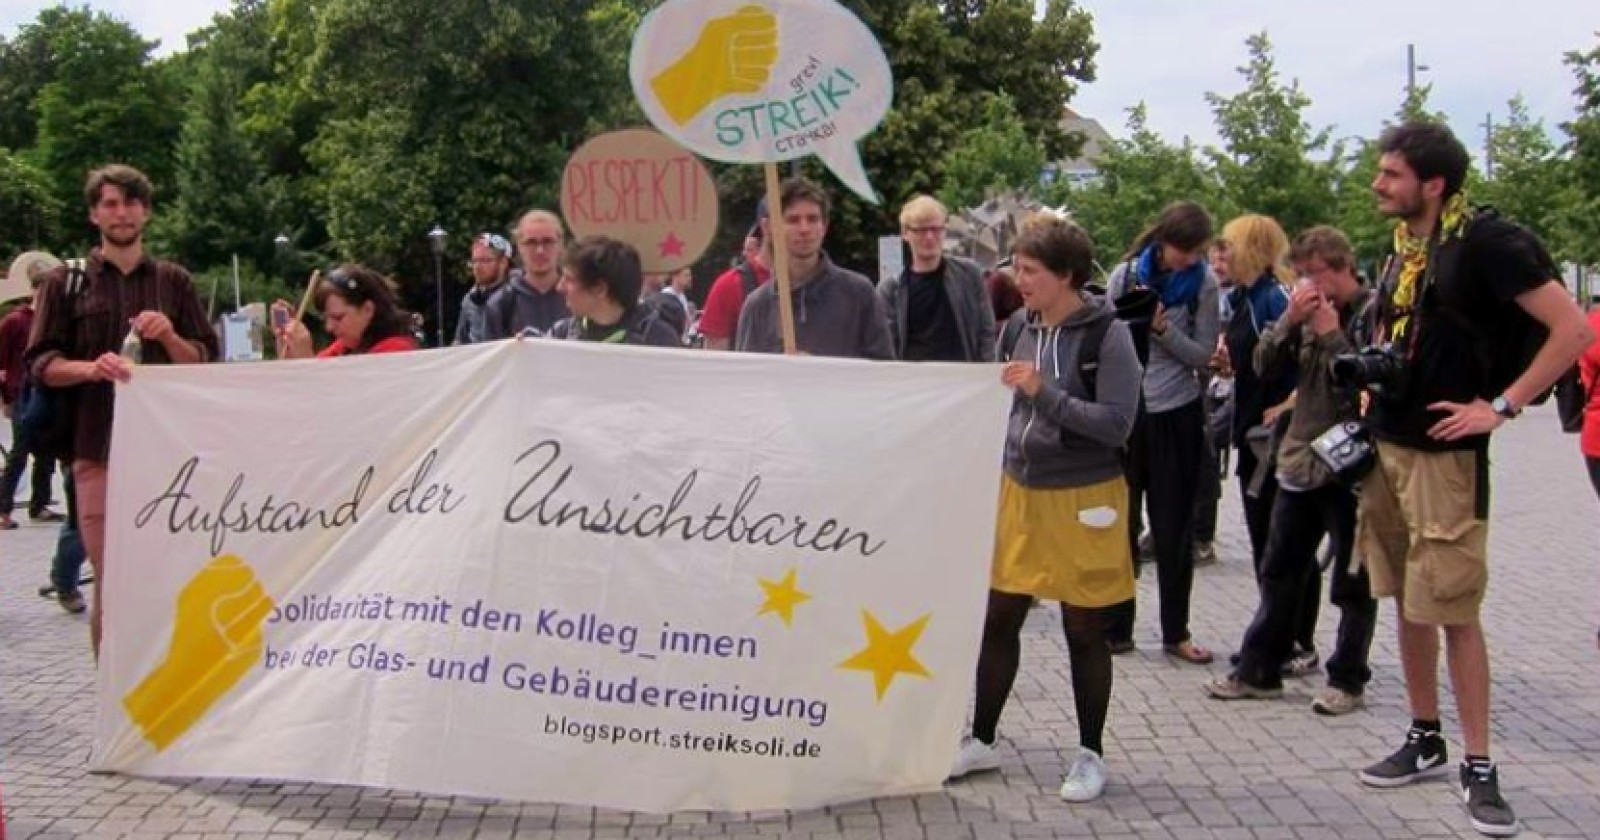 Streik Soli-Bündnis unterstützt Kolleginnen & Kollegen der Gebäudereinigung